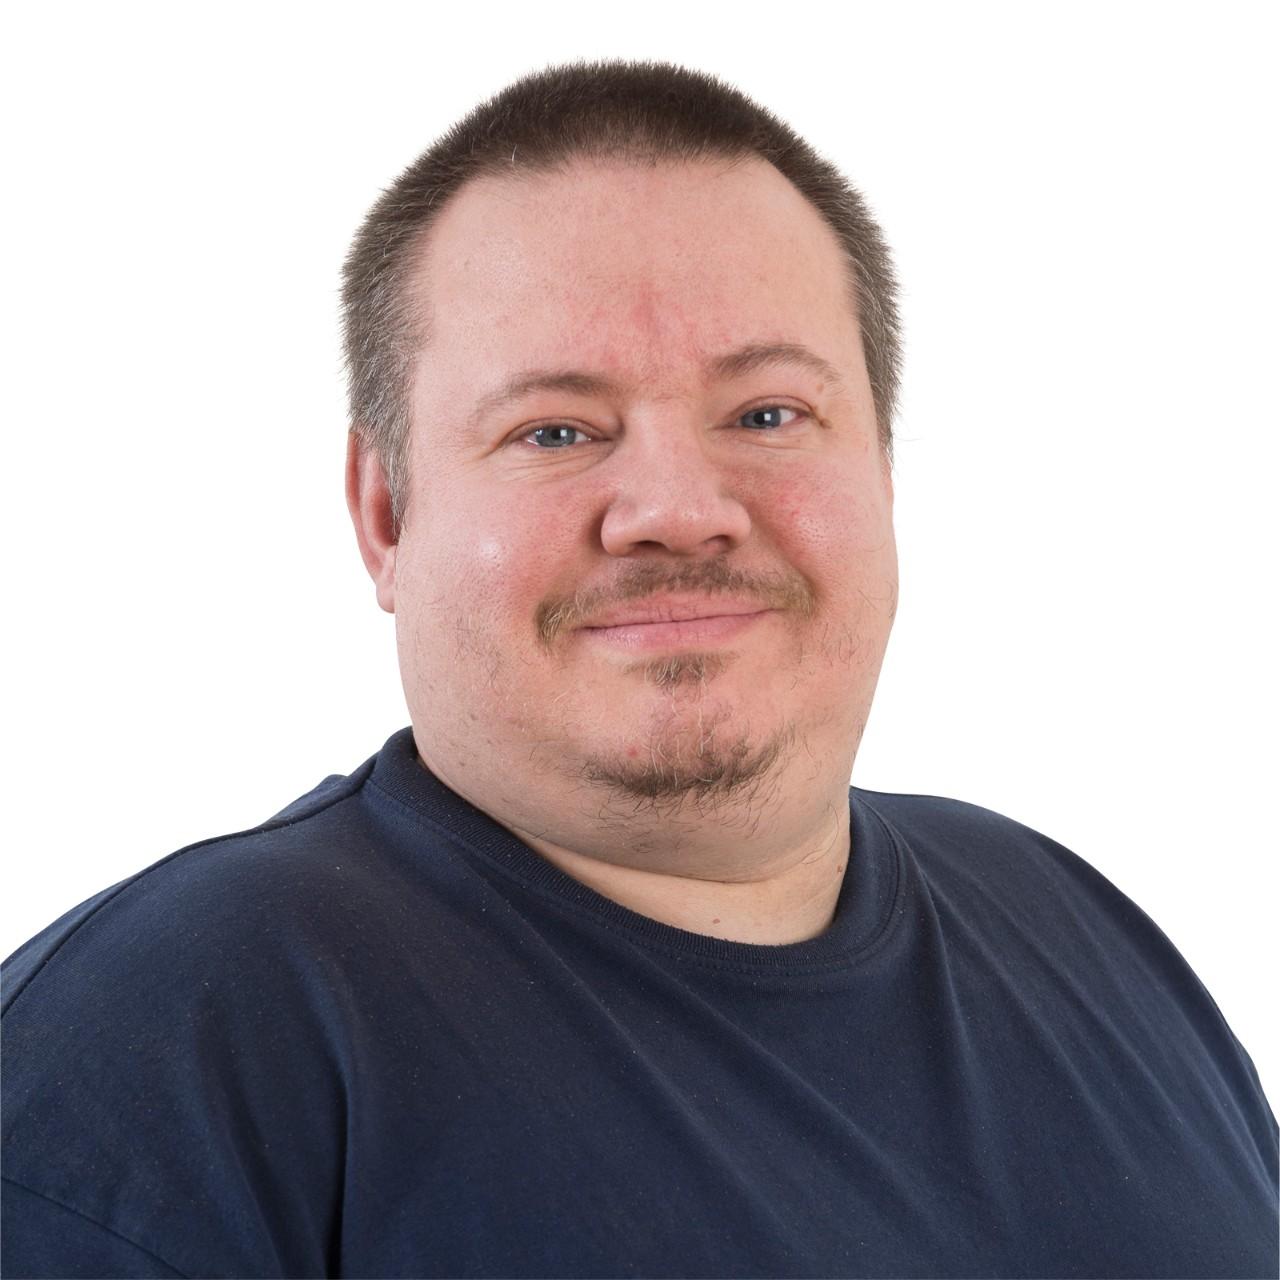 Patrik Ewnert